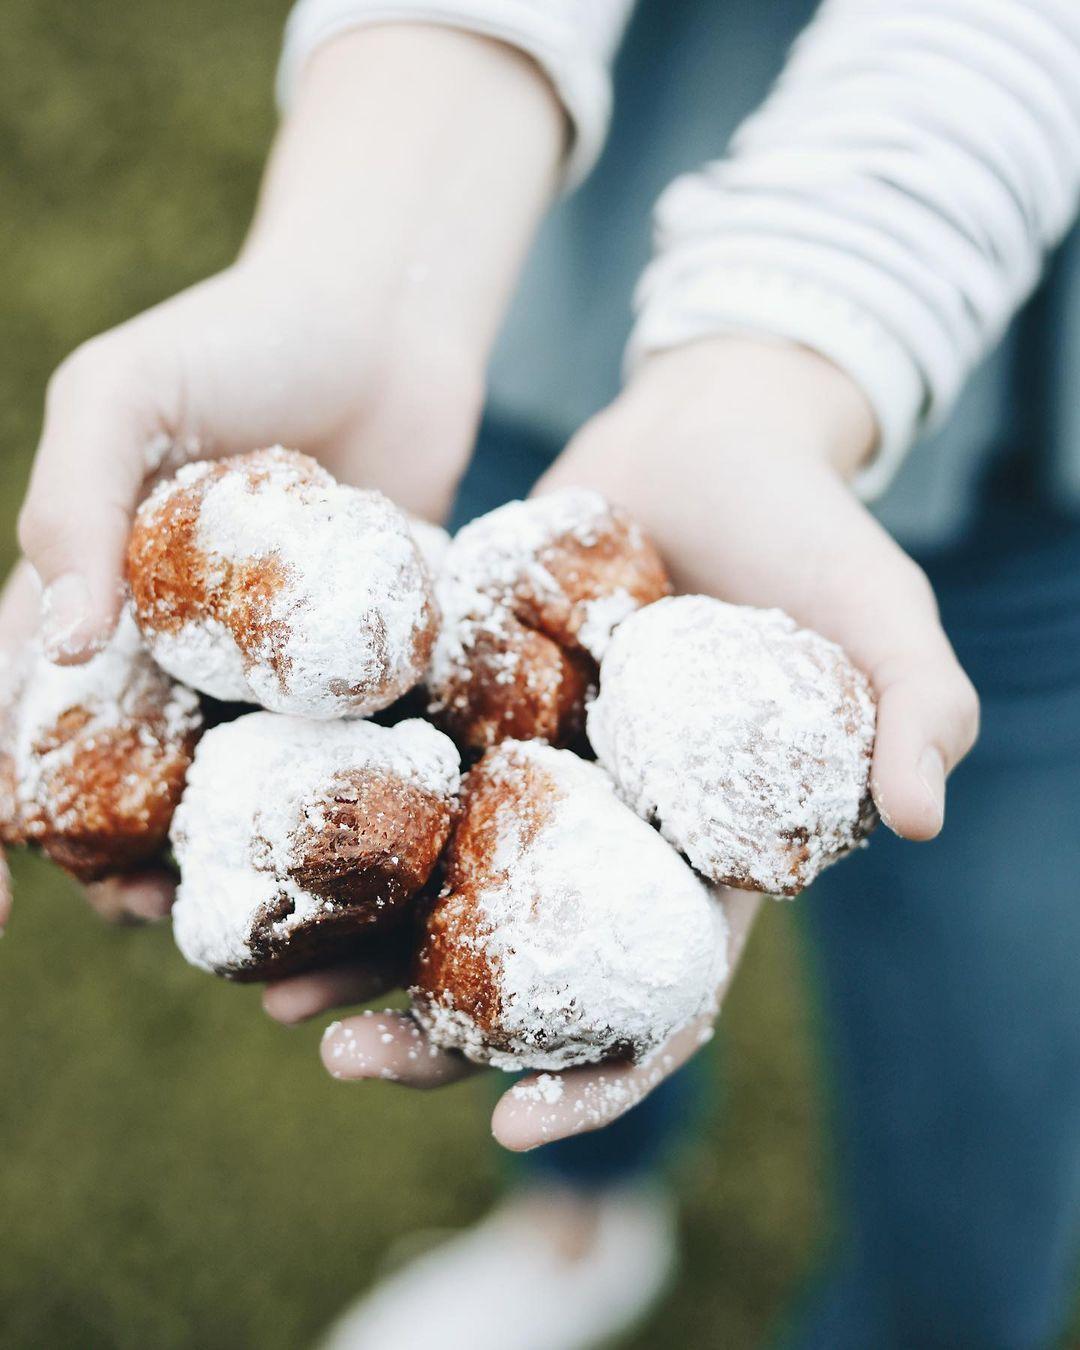 Hands Full of Donut Holes